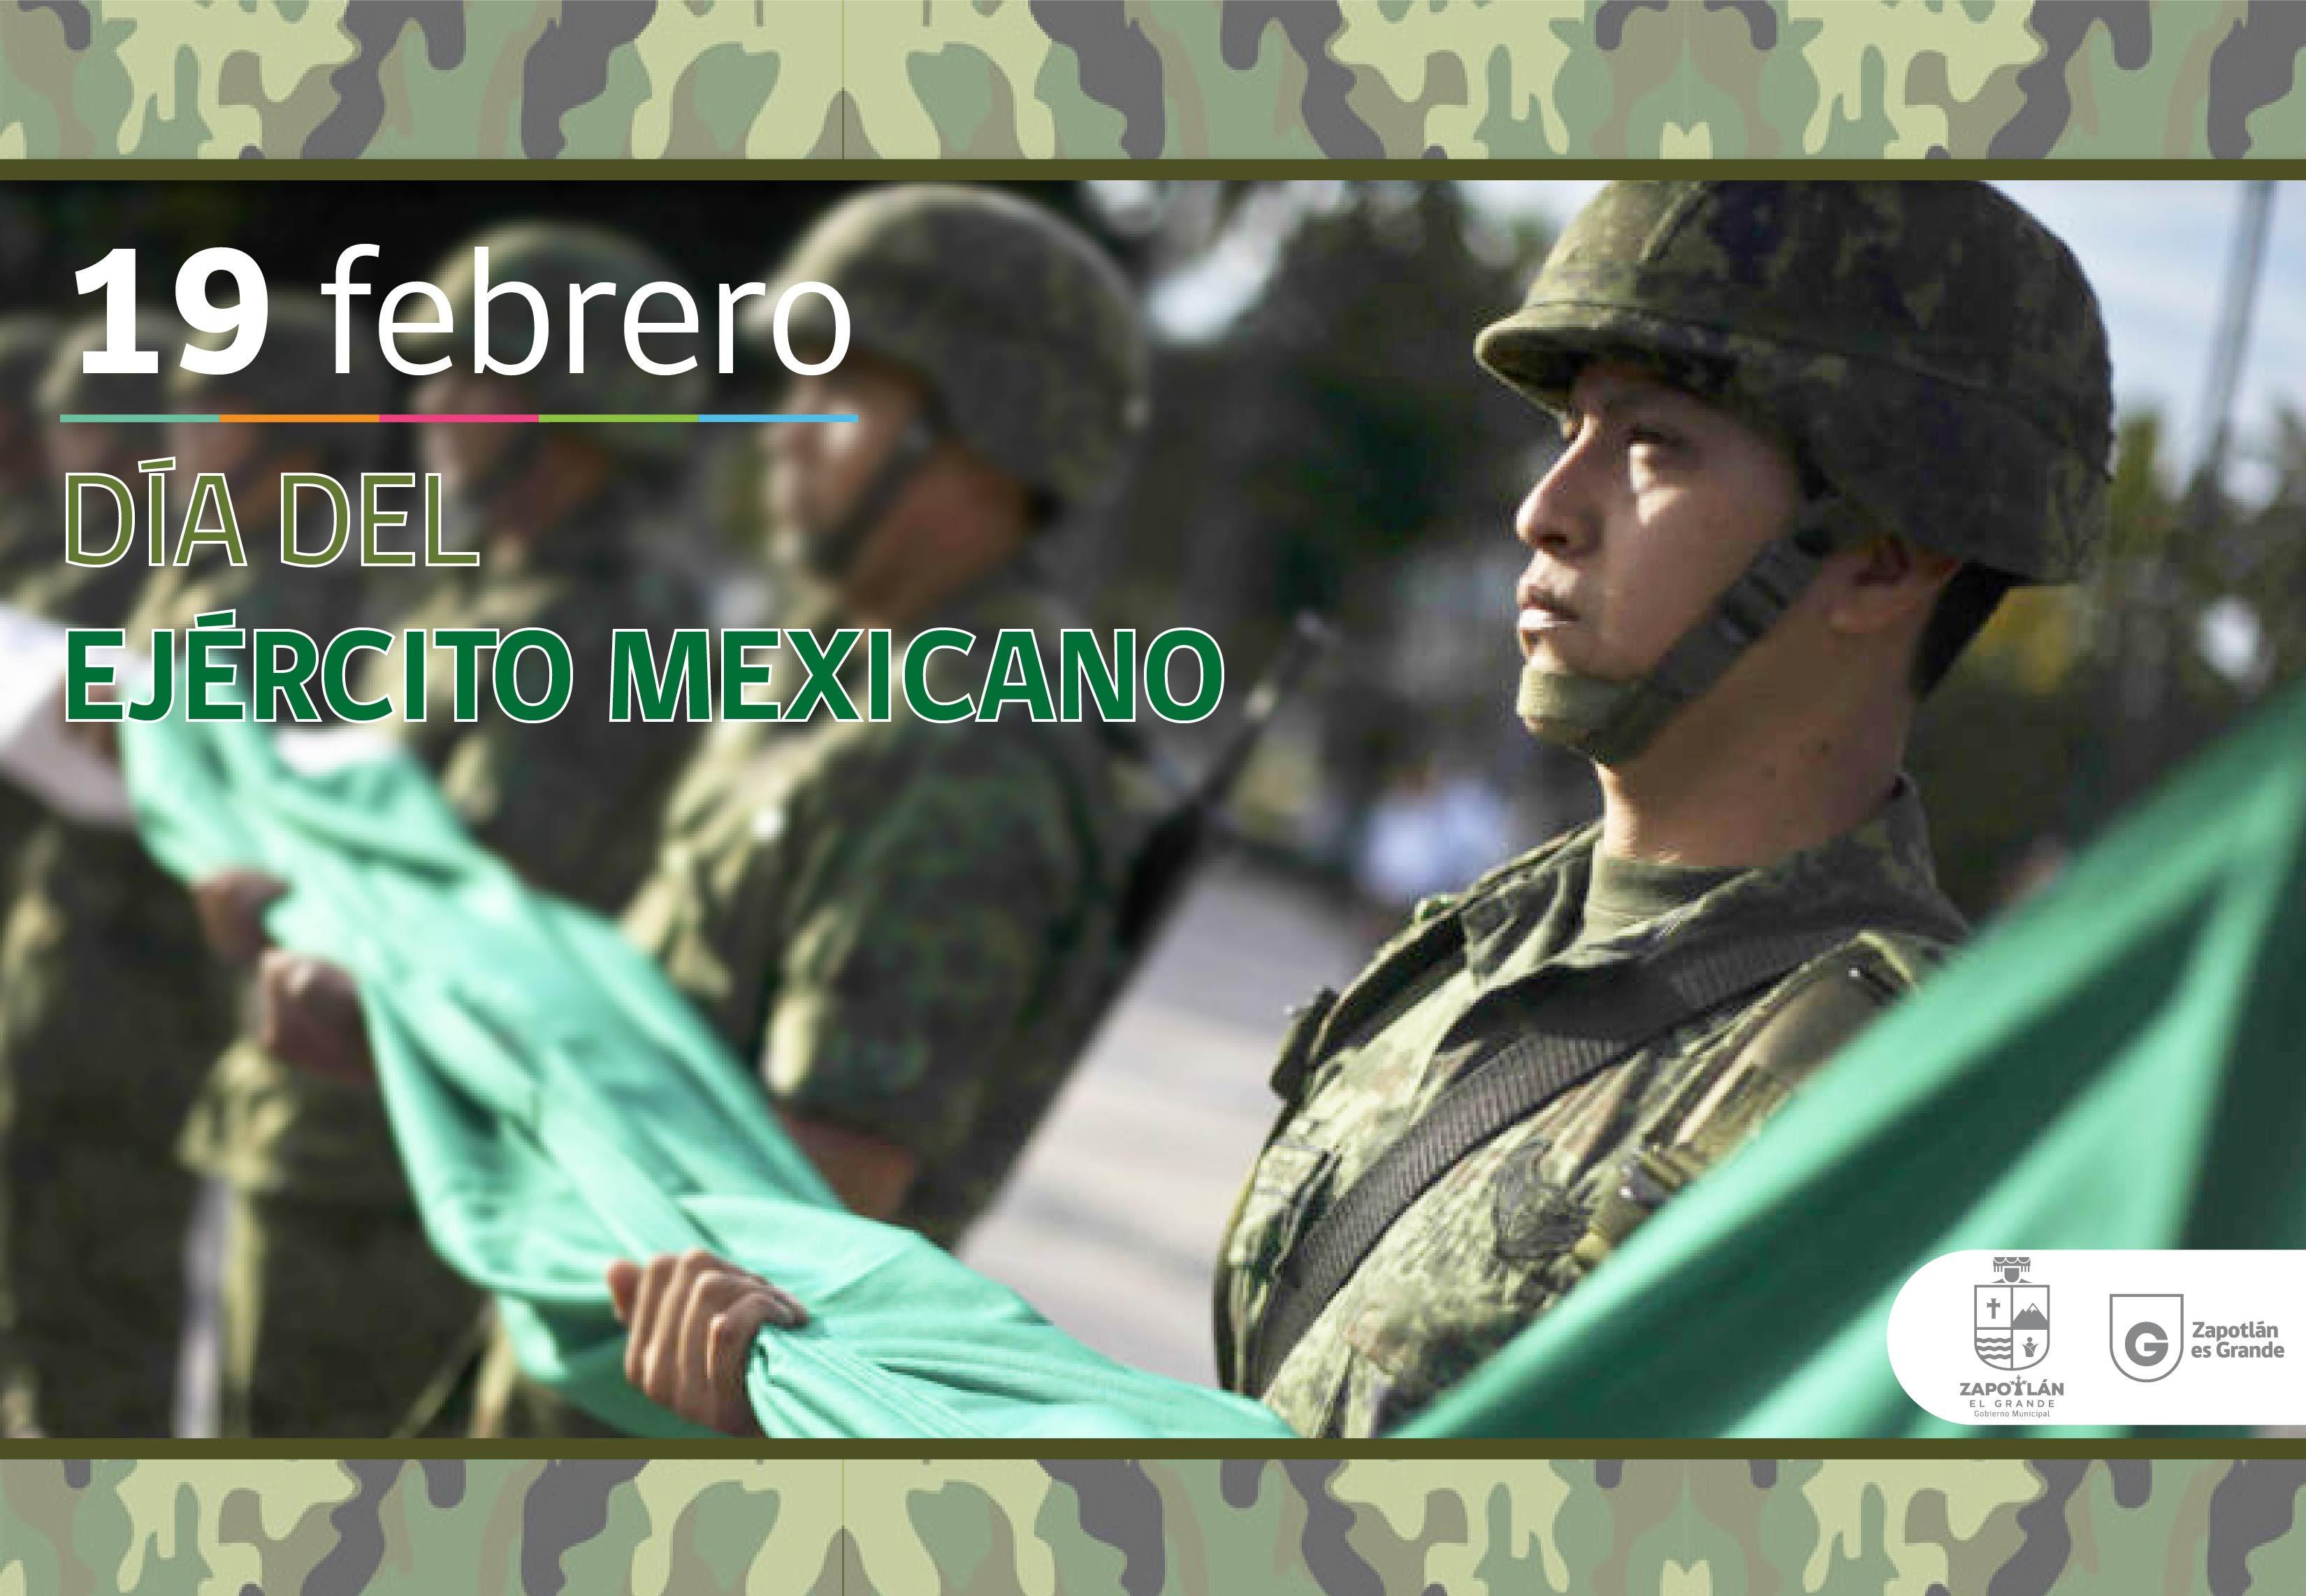 Gobierno municipal de zapotl n el grande for Noticias del espectaculo mexicano recientes